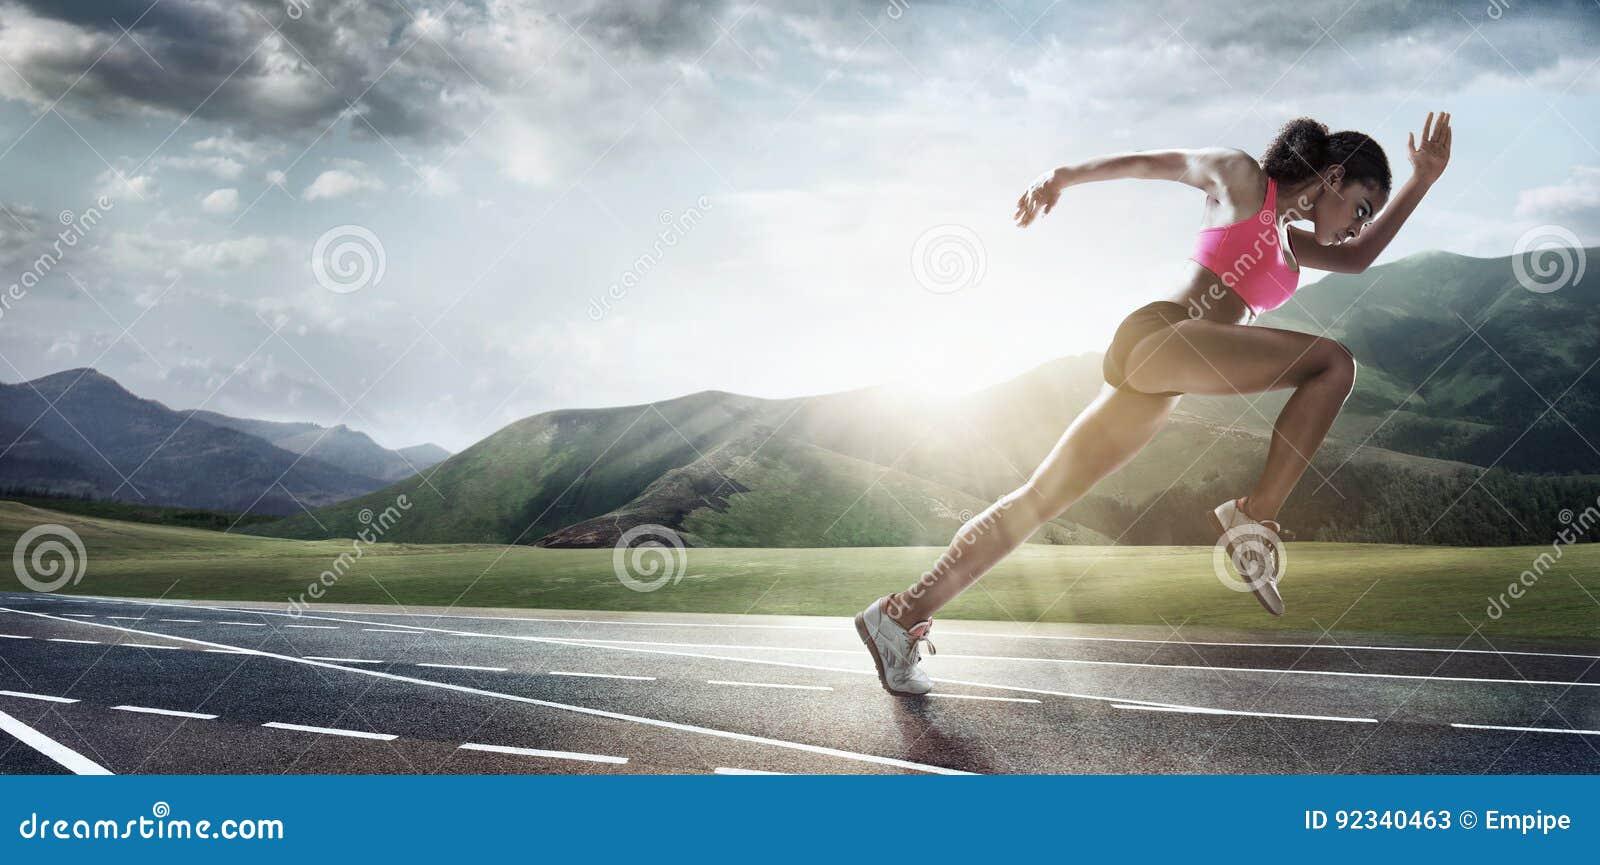 Fondos del deporte corredor